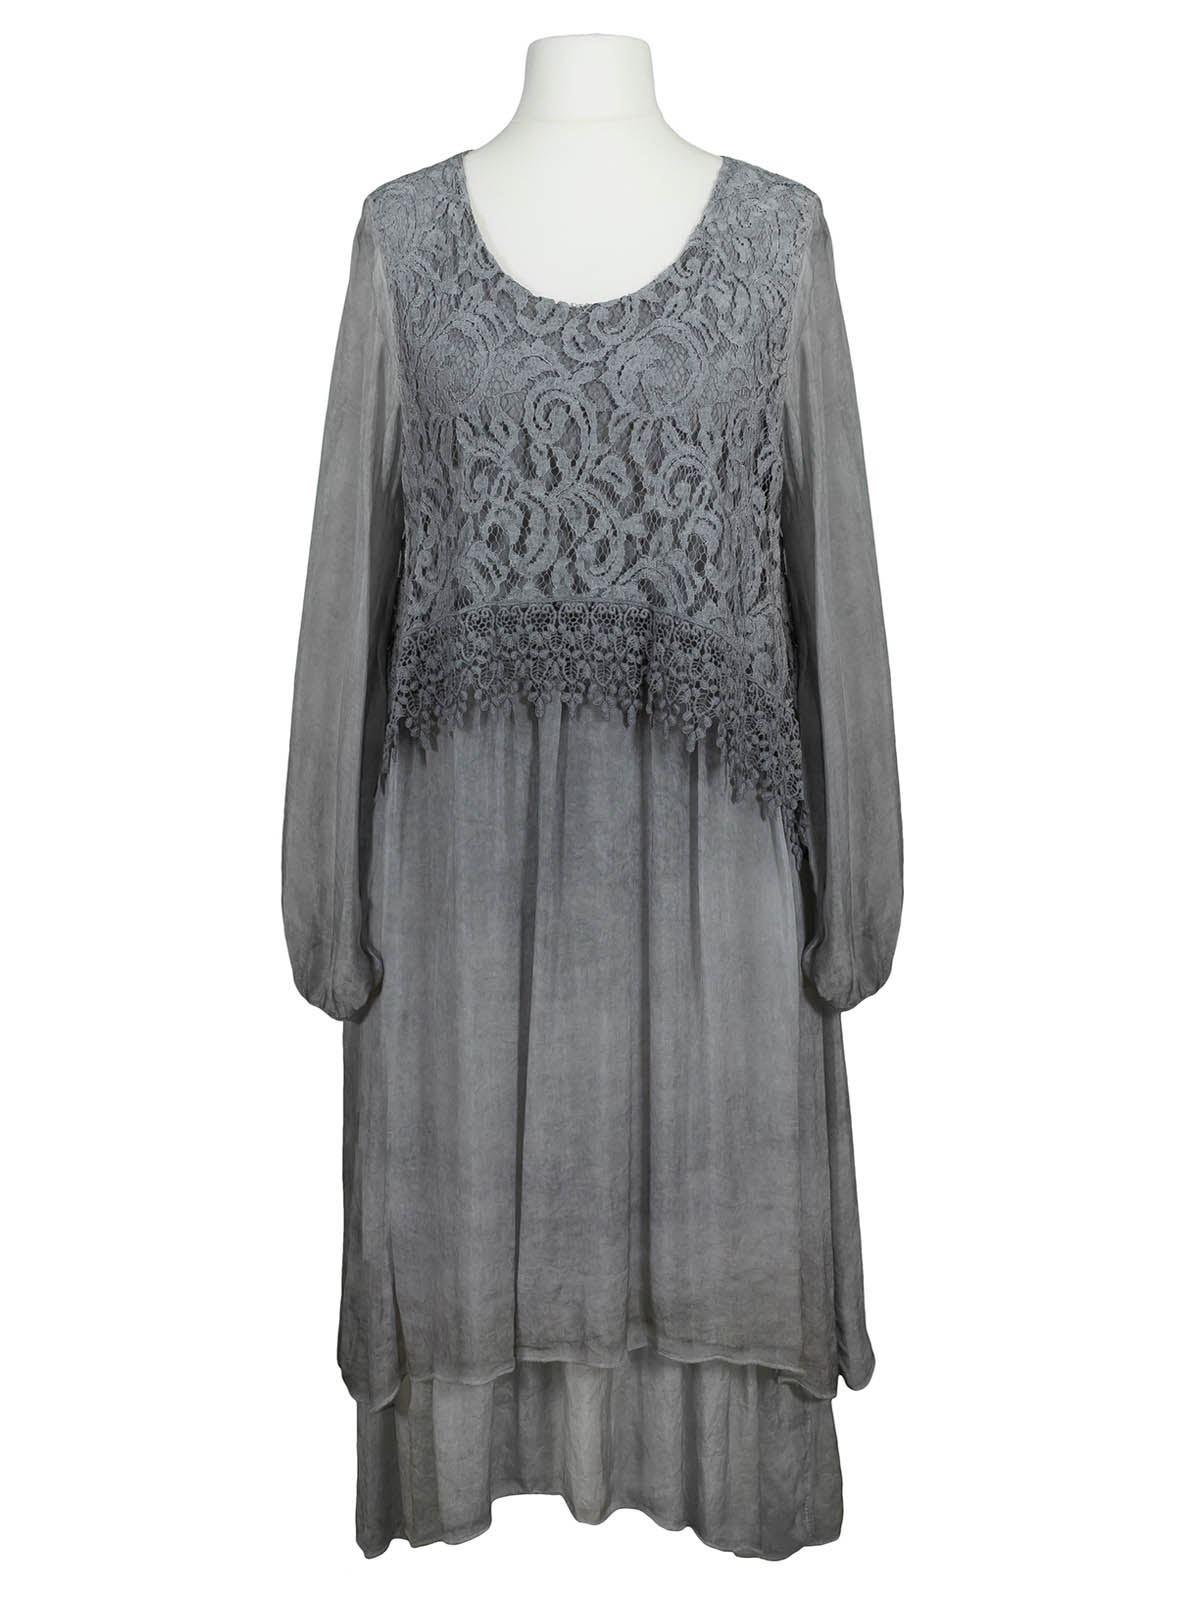 Formal Leicht Kleid Grau Spitze SpezialgebietDesigner Ausgezeichnet Kleid Grau Spitze für 2019